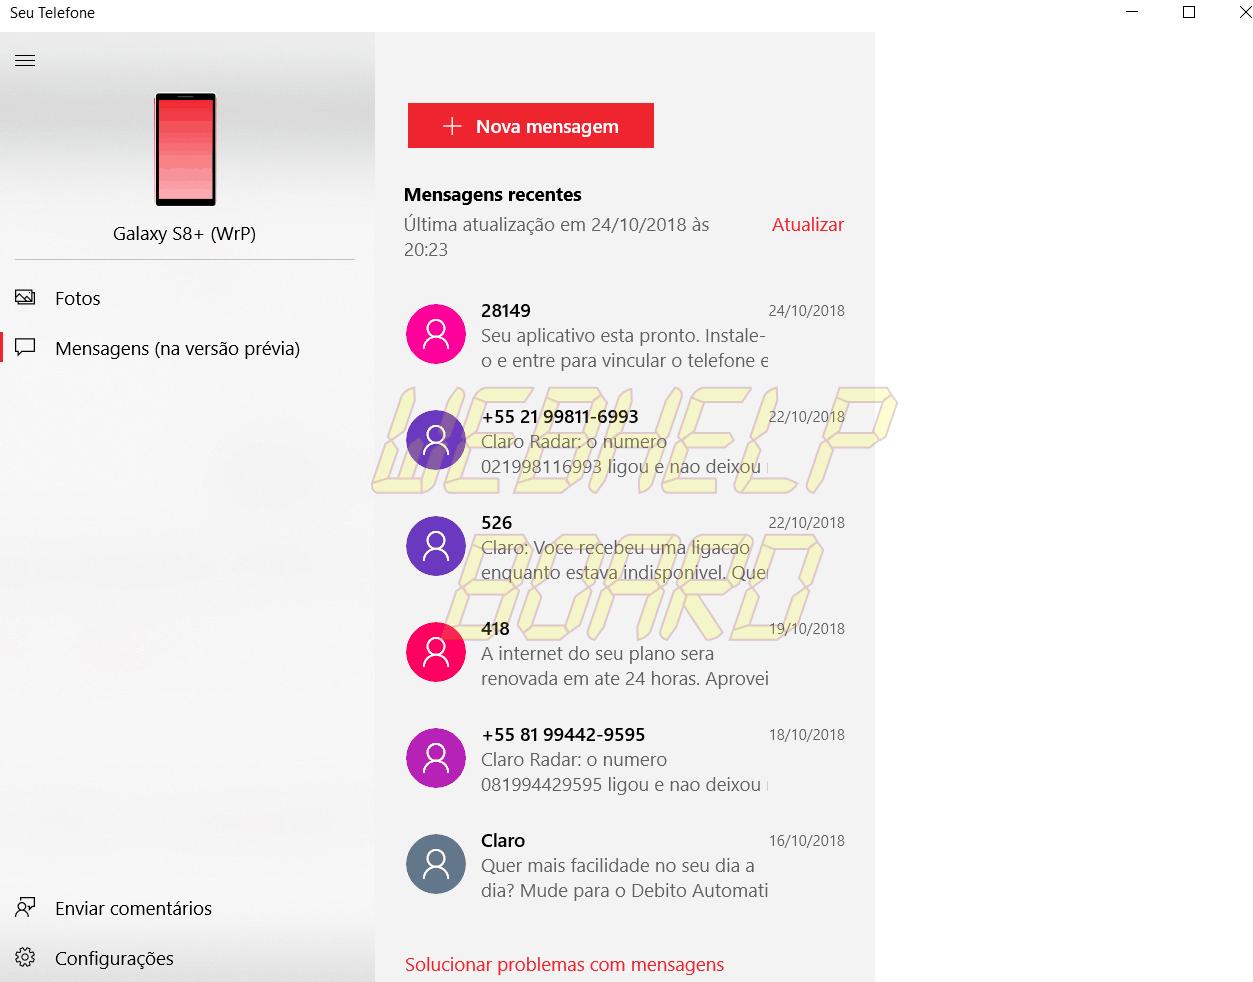 90 - Confira como integrar o seu smartphone Android com o Windows 10